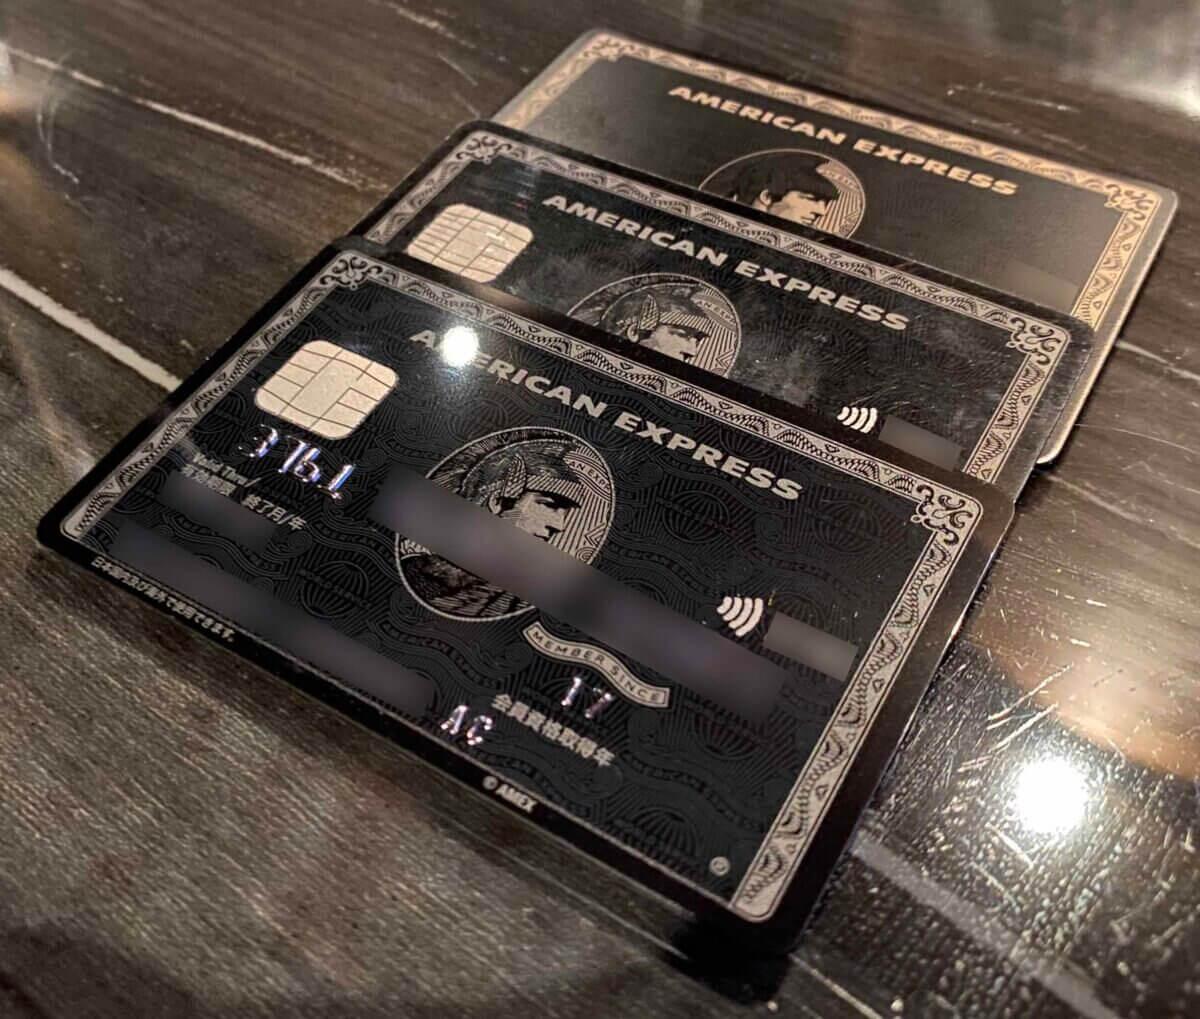 アメックスセンチュリオンのプラスチック製カード・チタンカード・ACカード